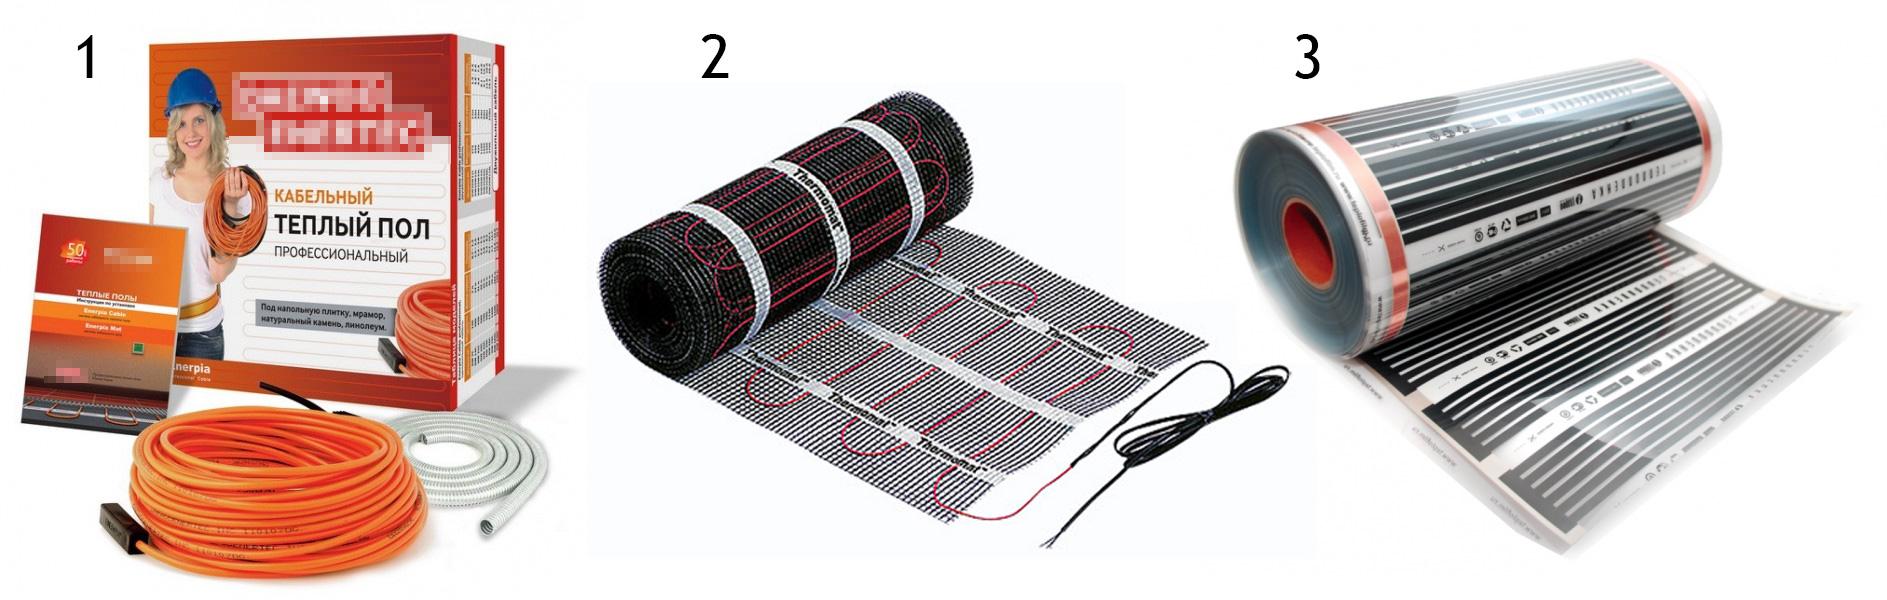 Теплые электрические полы под плитку своими руками